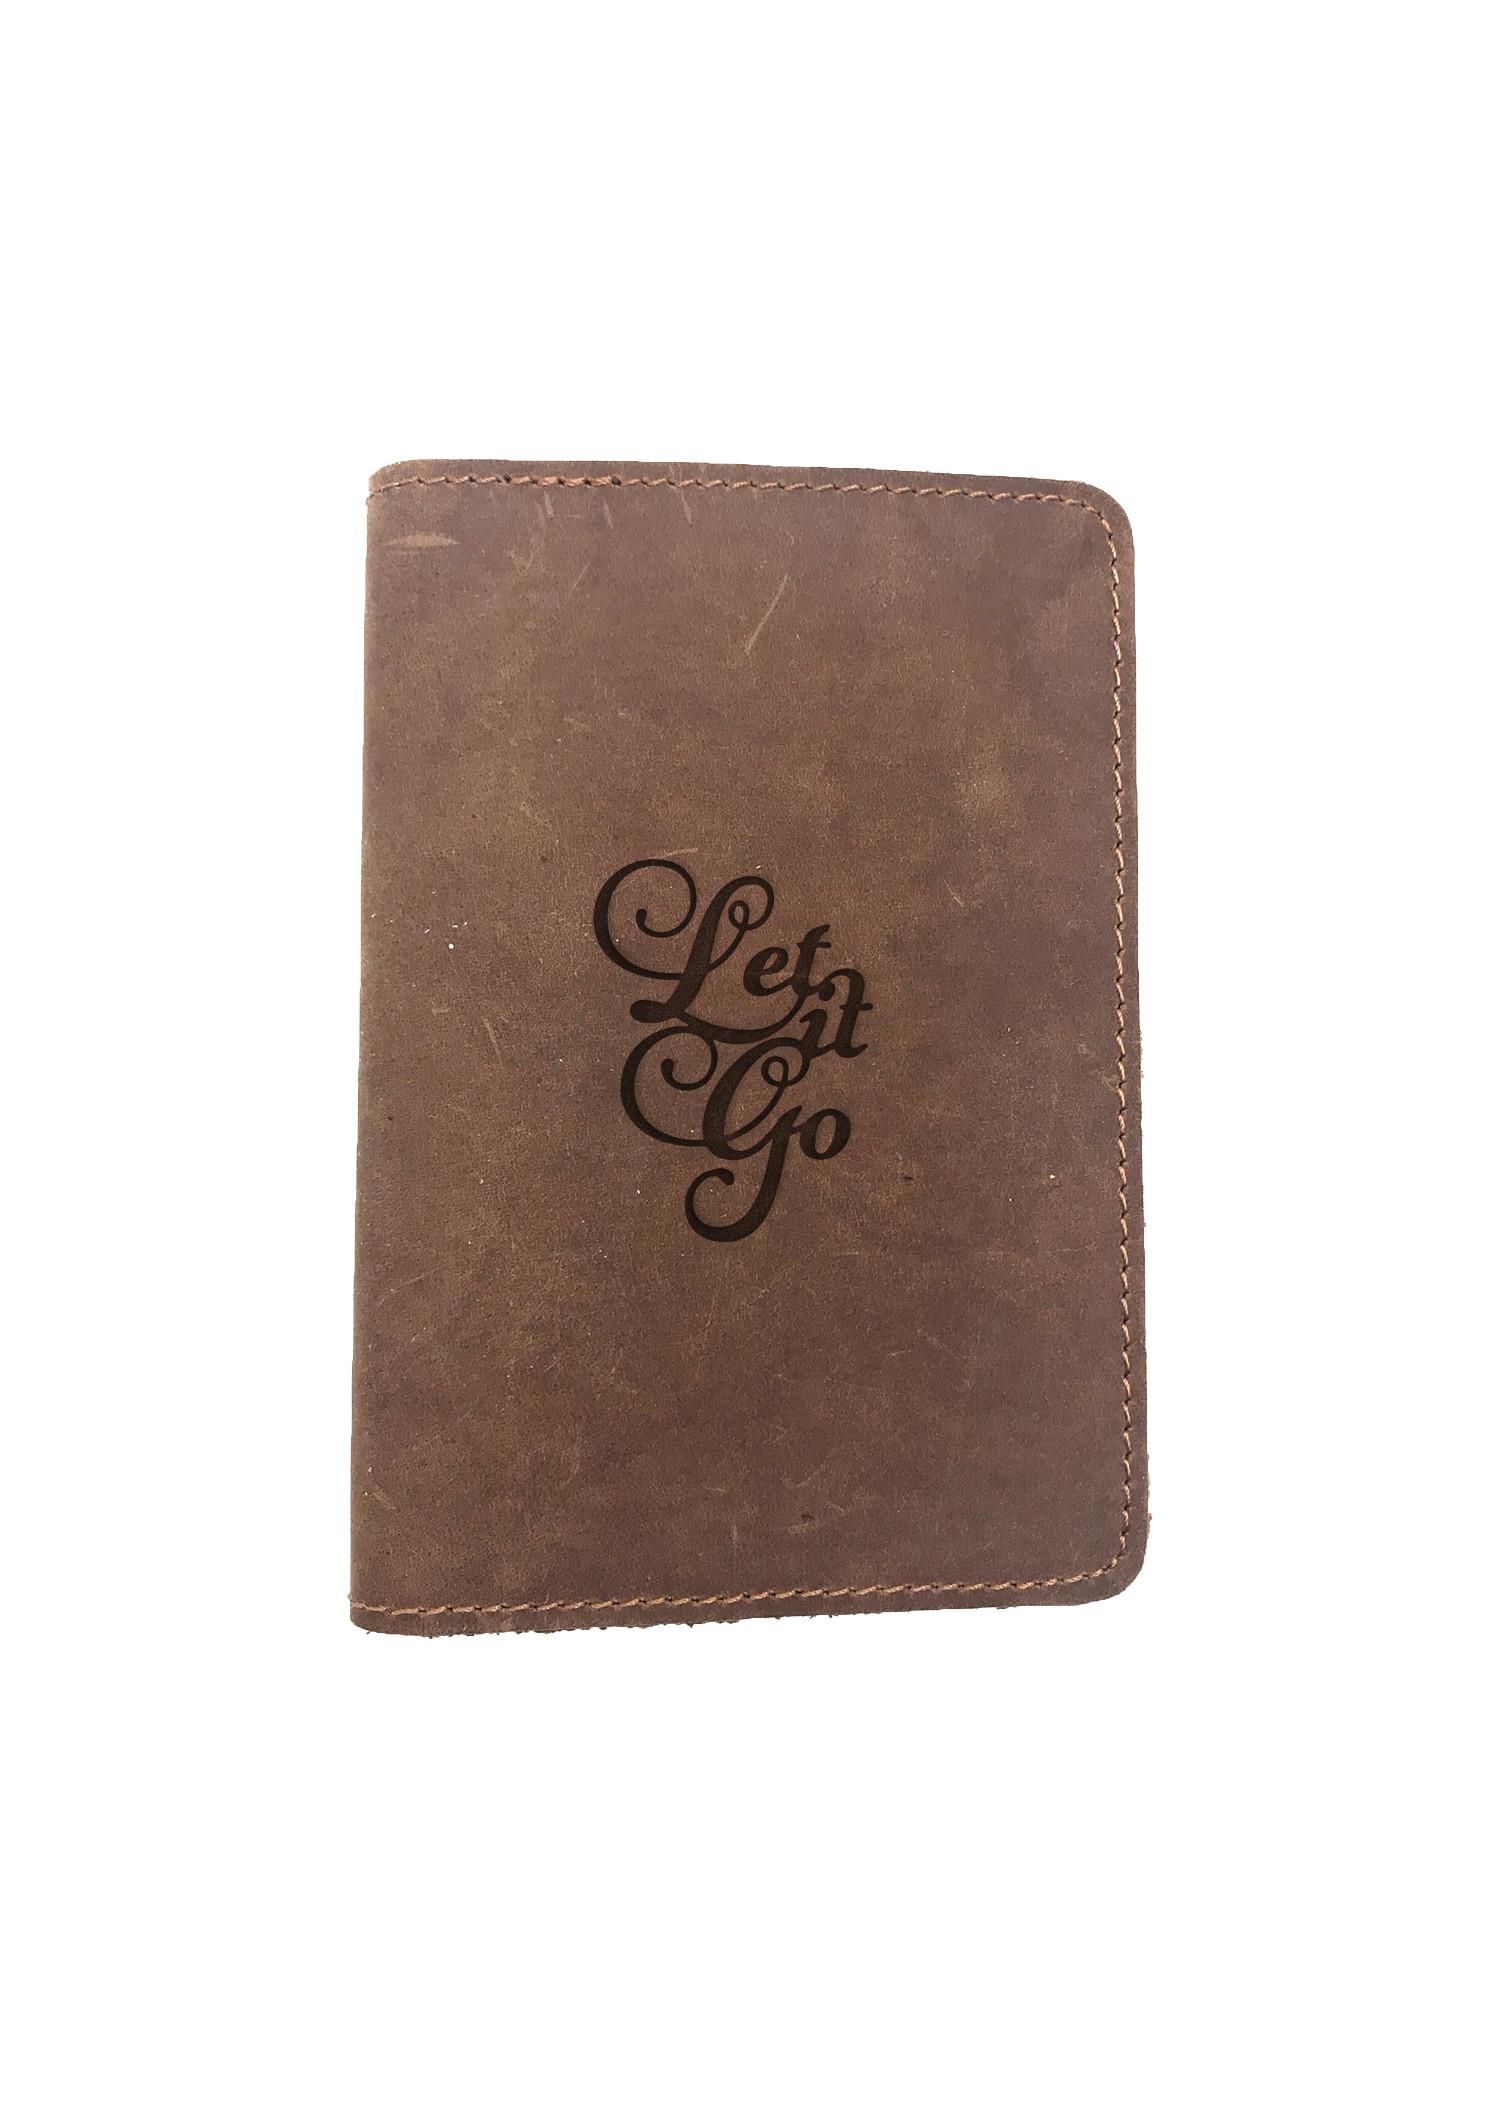 Passport Cover Bao Da Hộ Chiếu Da Sáp Khắc Hình Chữ LET IT GO (BROWN)